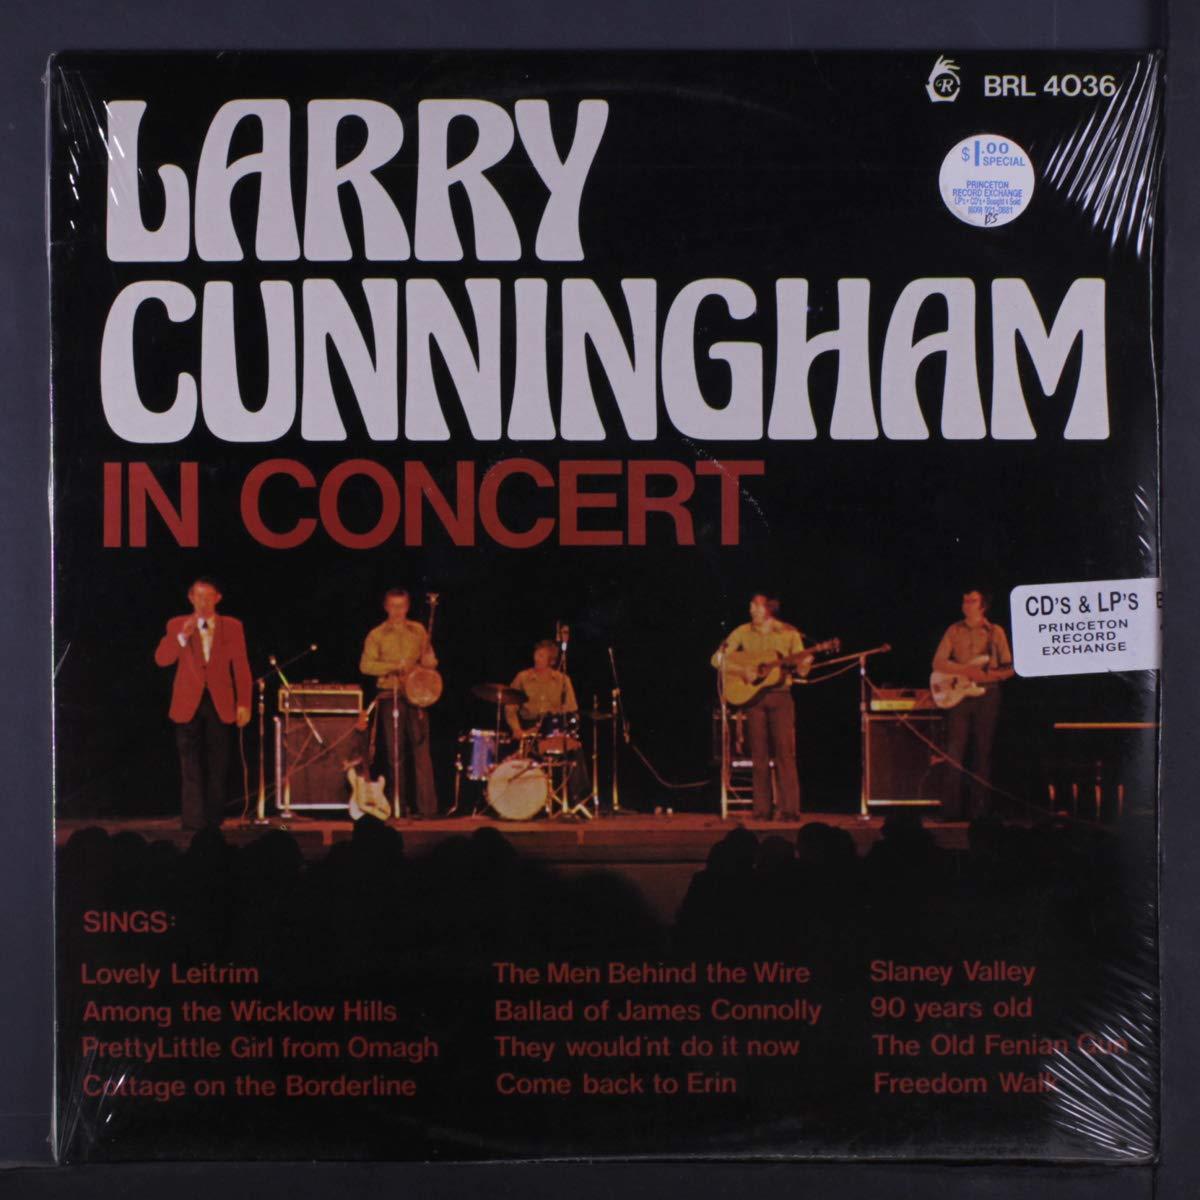 Larry Cunningham In Concert Music